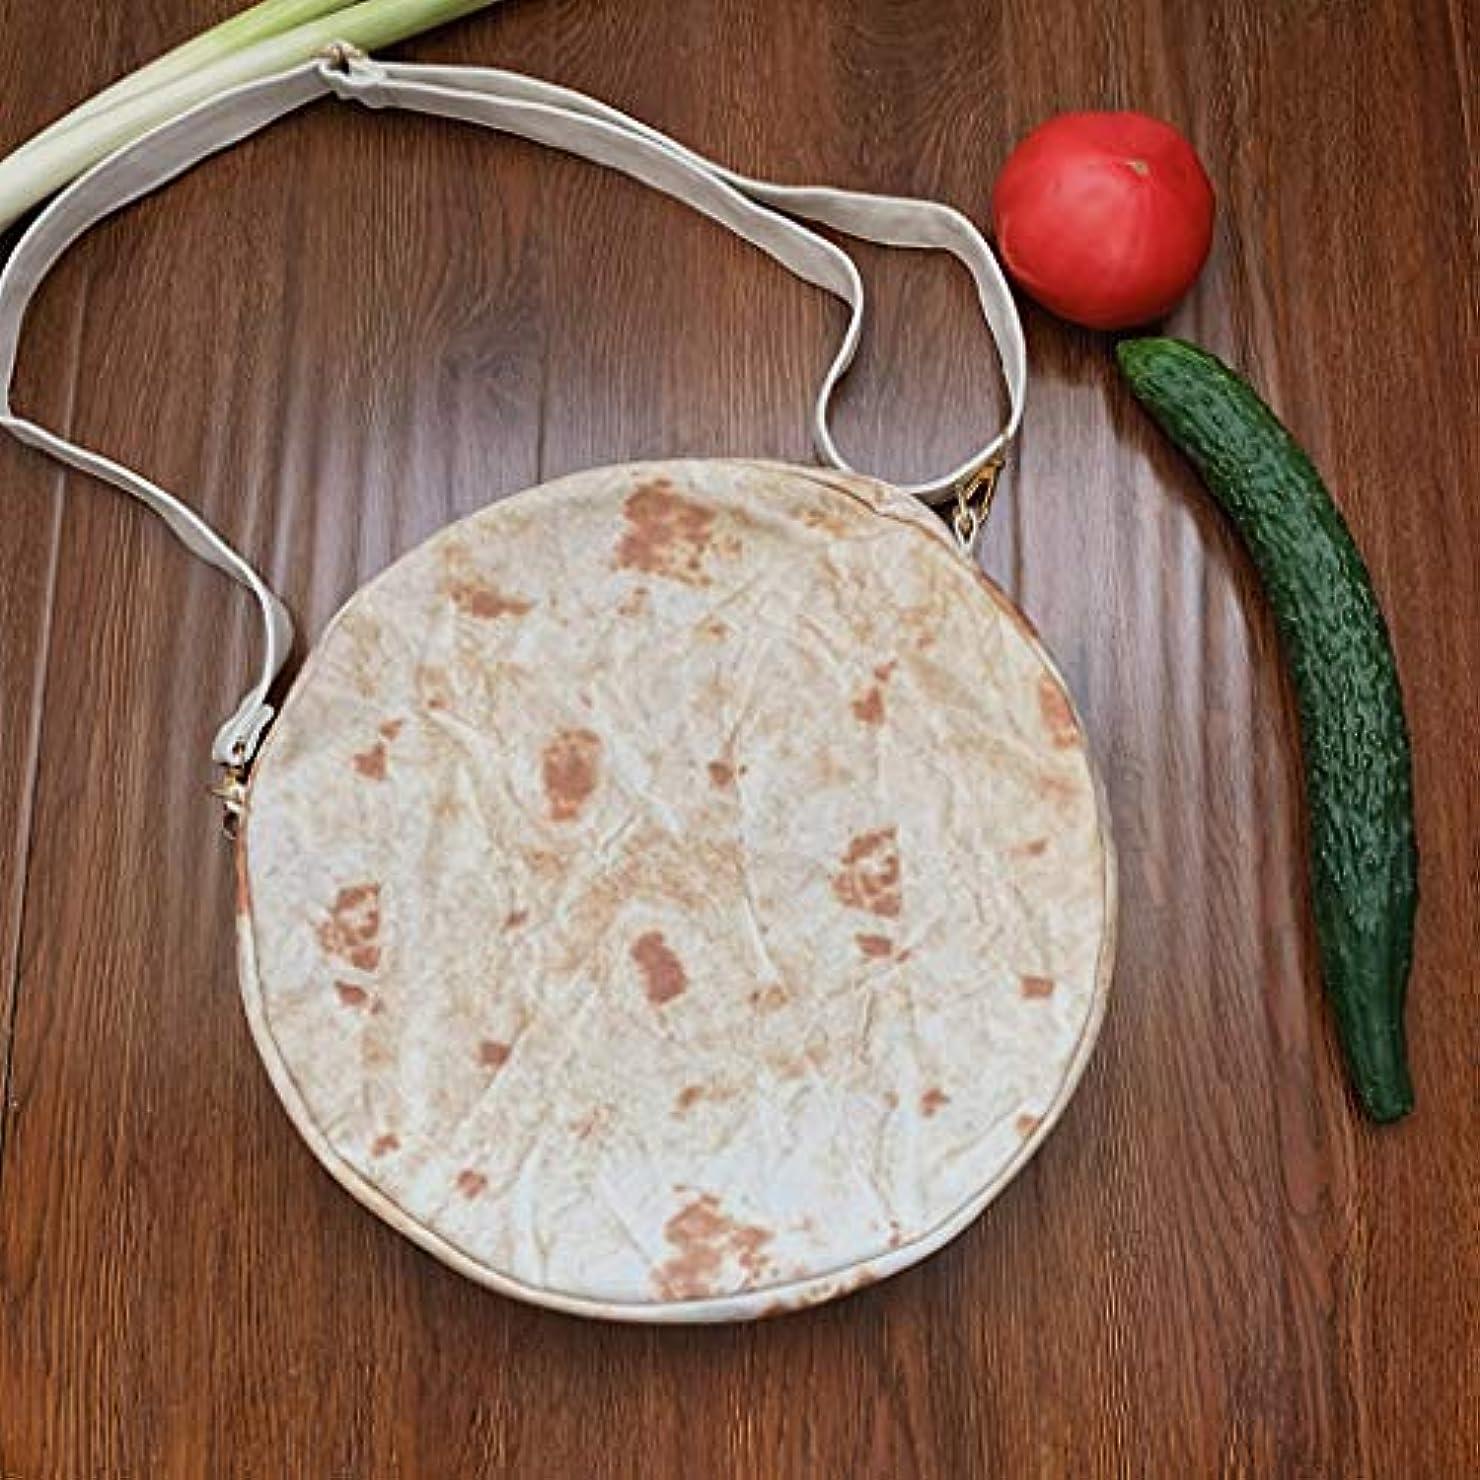 便利さ線形愚かファッション女性キャンバスメキシコの肉ロールショルダーメッセンジャーバッグ小さなラウンドバッグ、女性ブリトージッパーメッセンジャーバッグショルダーバッグノベルティファッションラウンドパック (B)